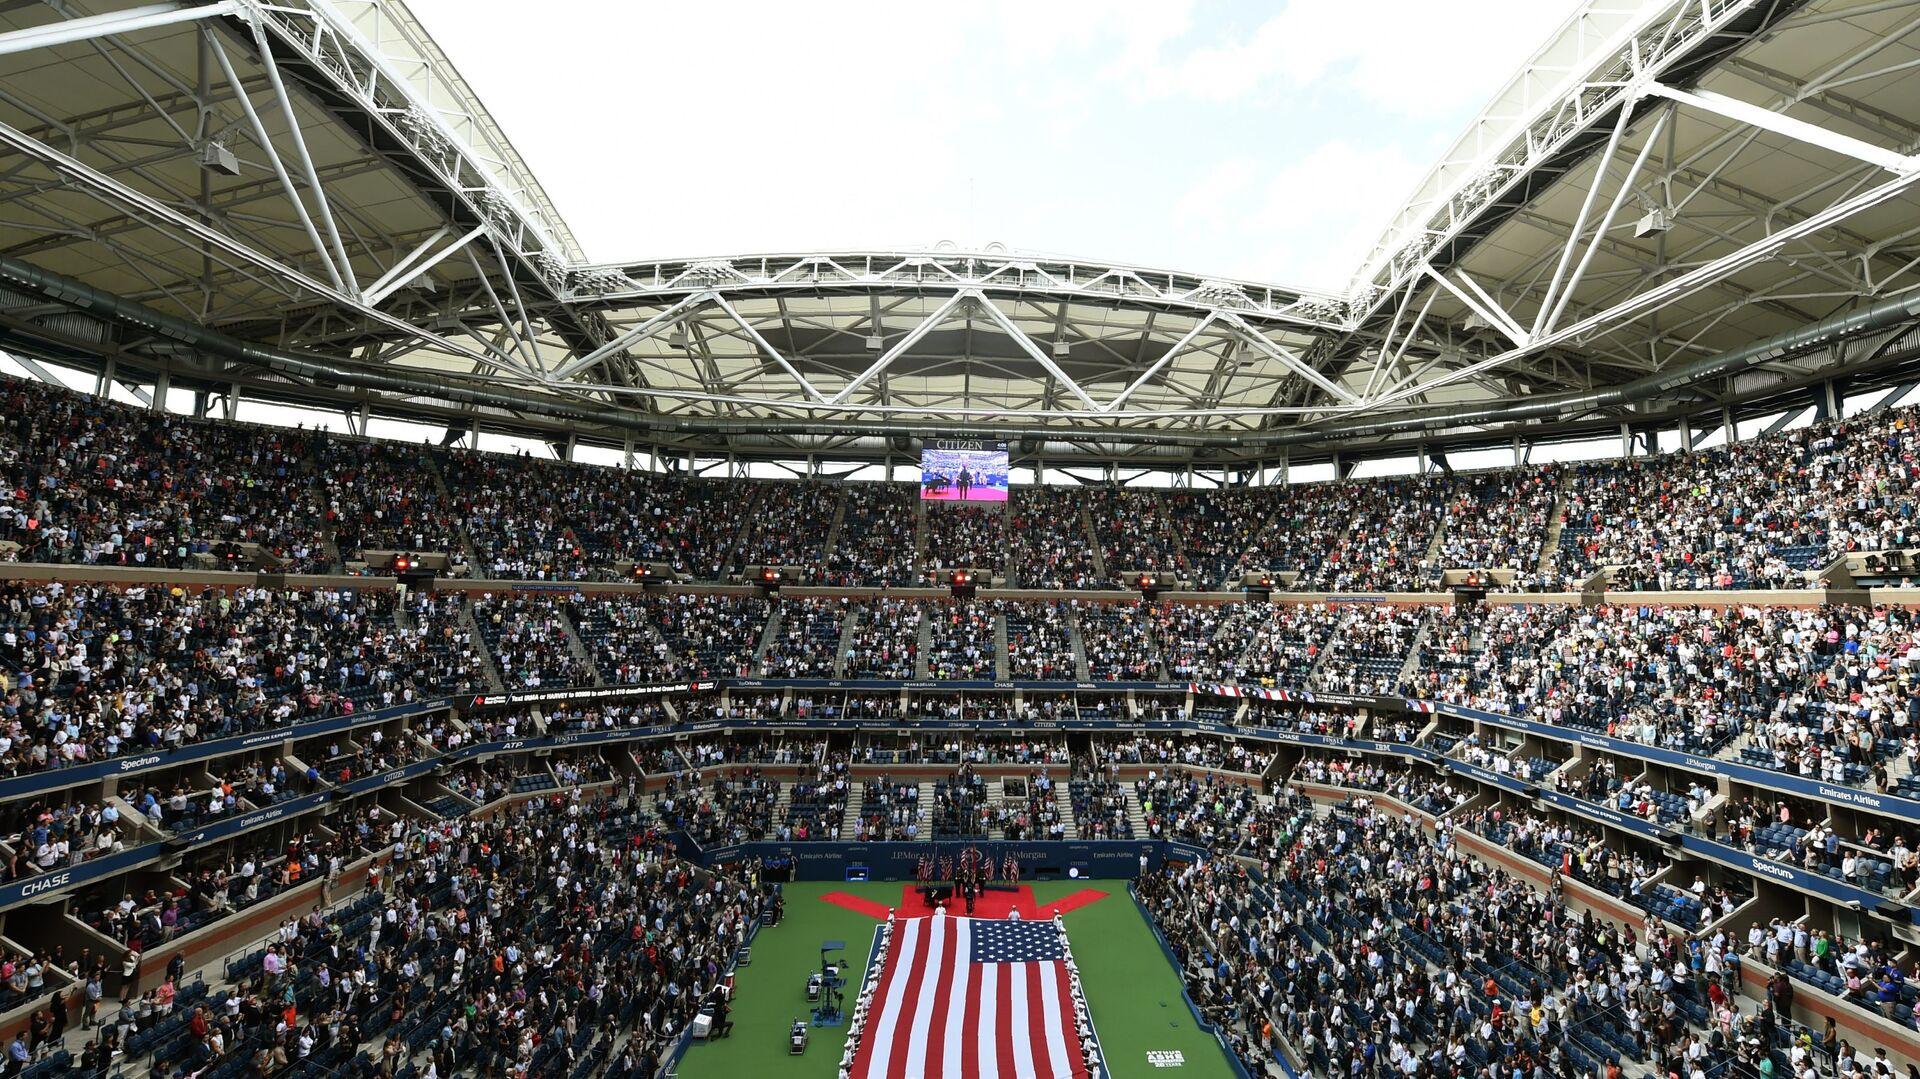 Το κεντρικό κορτ του US Open στη Νέα Υόρκη - Sputnik Ελλάδα, 1920, 07.09.2021